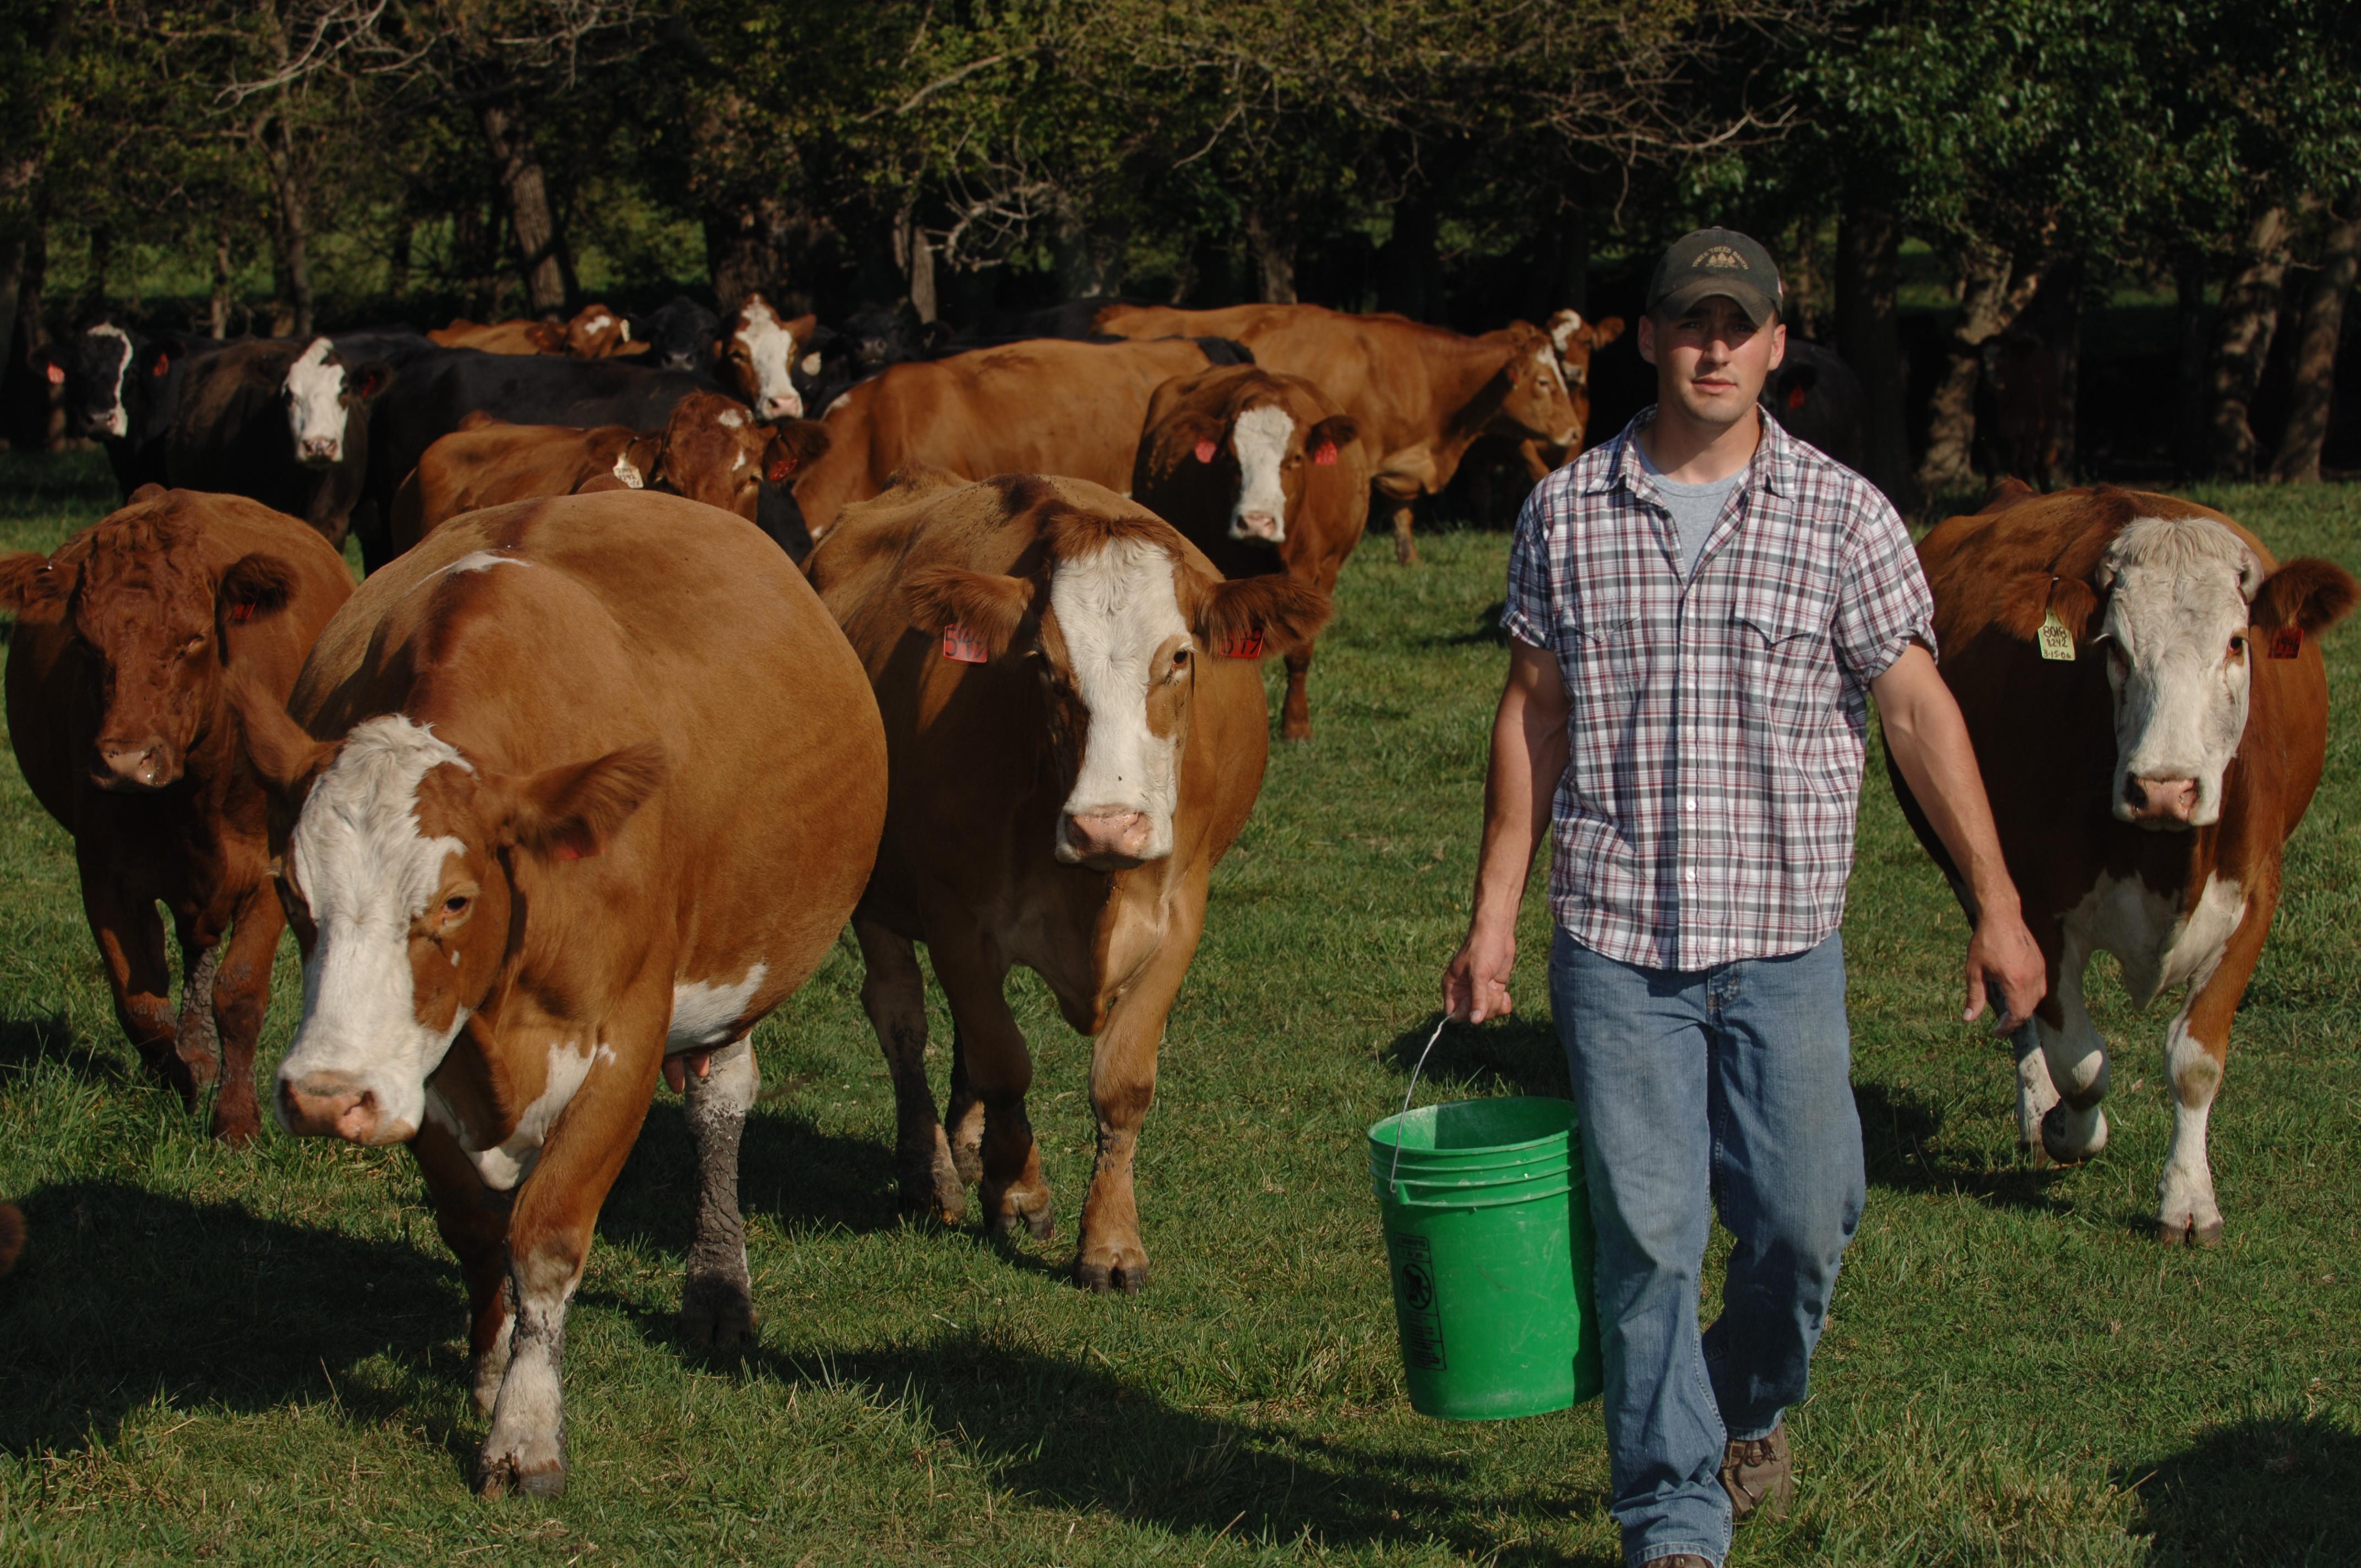 man feeding cows